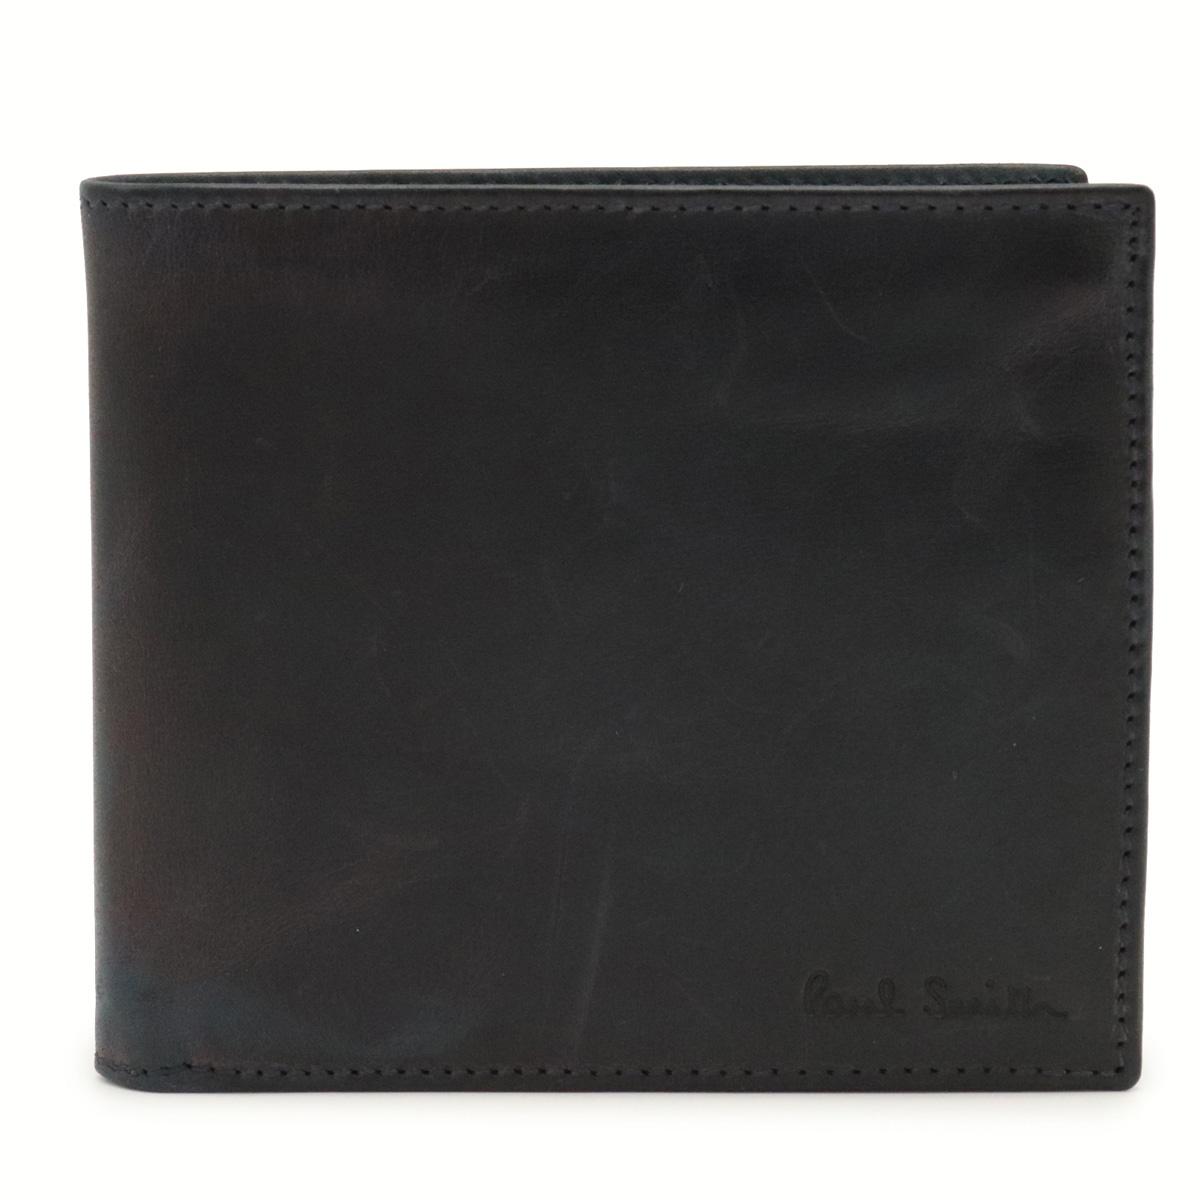 財布 Paul 未使用品 Smith ポール スミス ポールスミス 2つ折財布 PSF466 茶 ネイビー 中古 気質アップ 紺色 レザー ダークブラウン